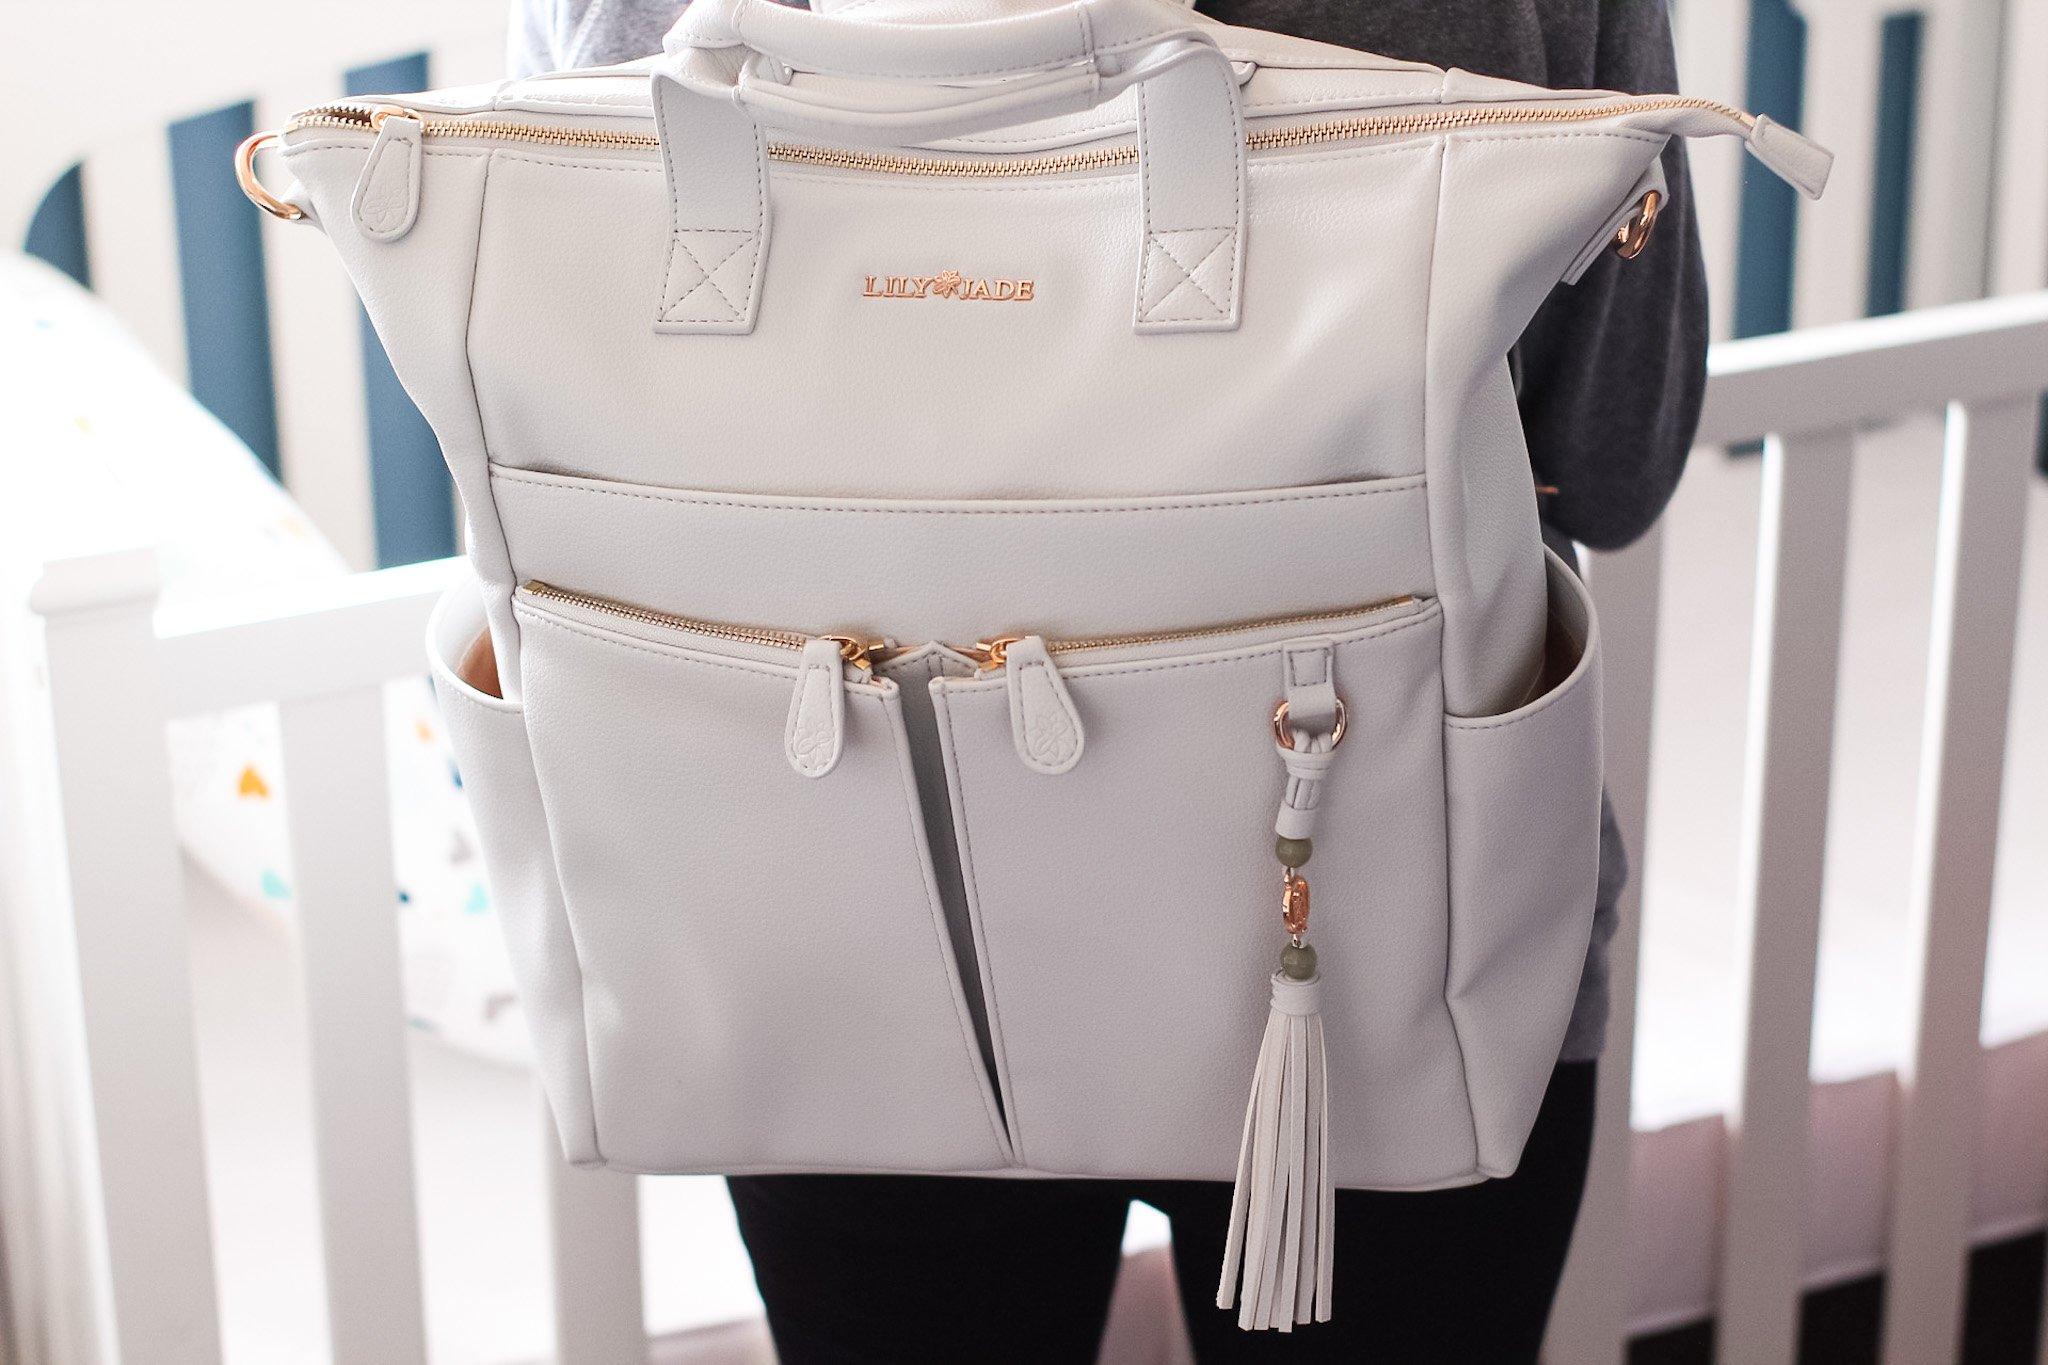 lily jade caroline bag backpack style